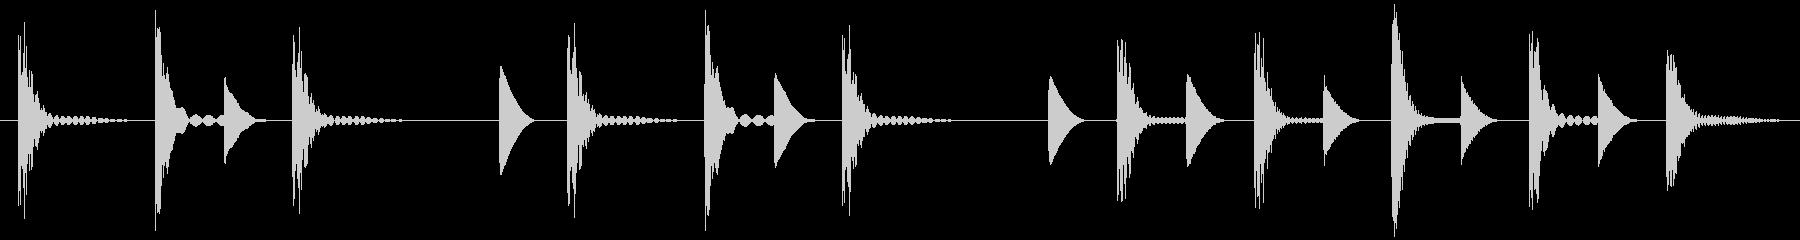 ほのぼの ピコピコ アイキャッチの未再生の波形